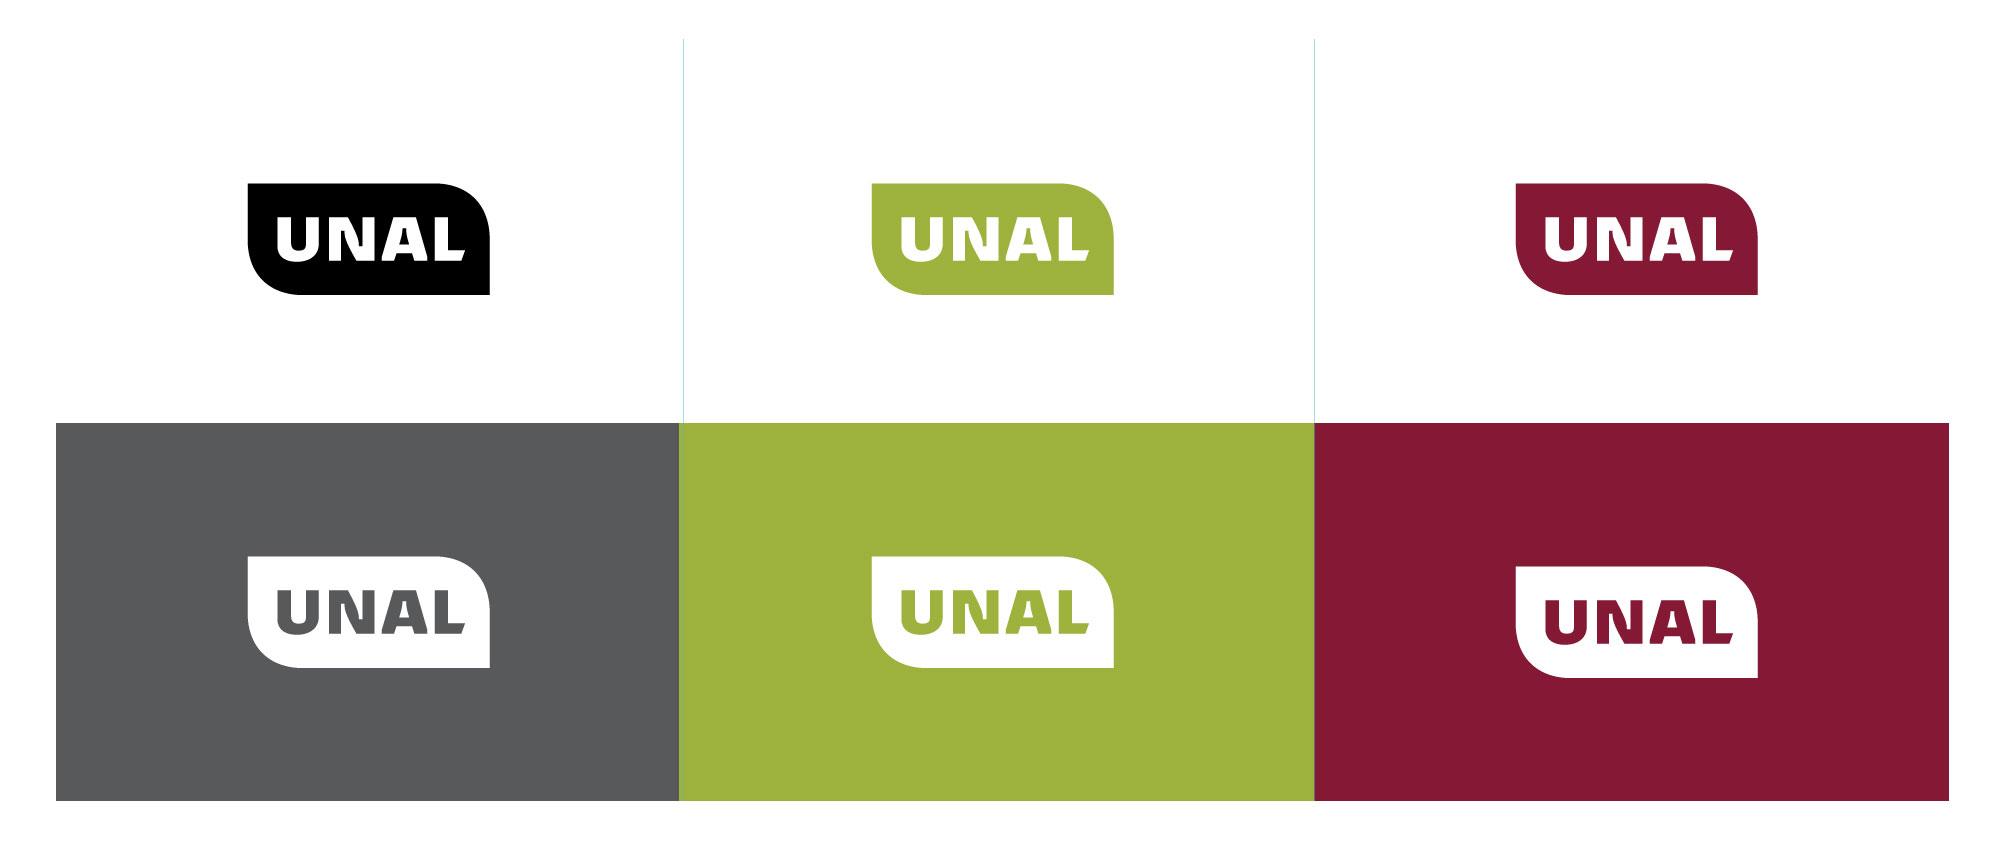 Marca nominativa componente gráfico (versiones)